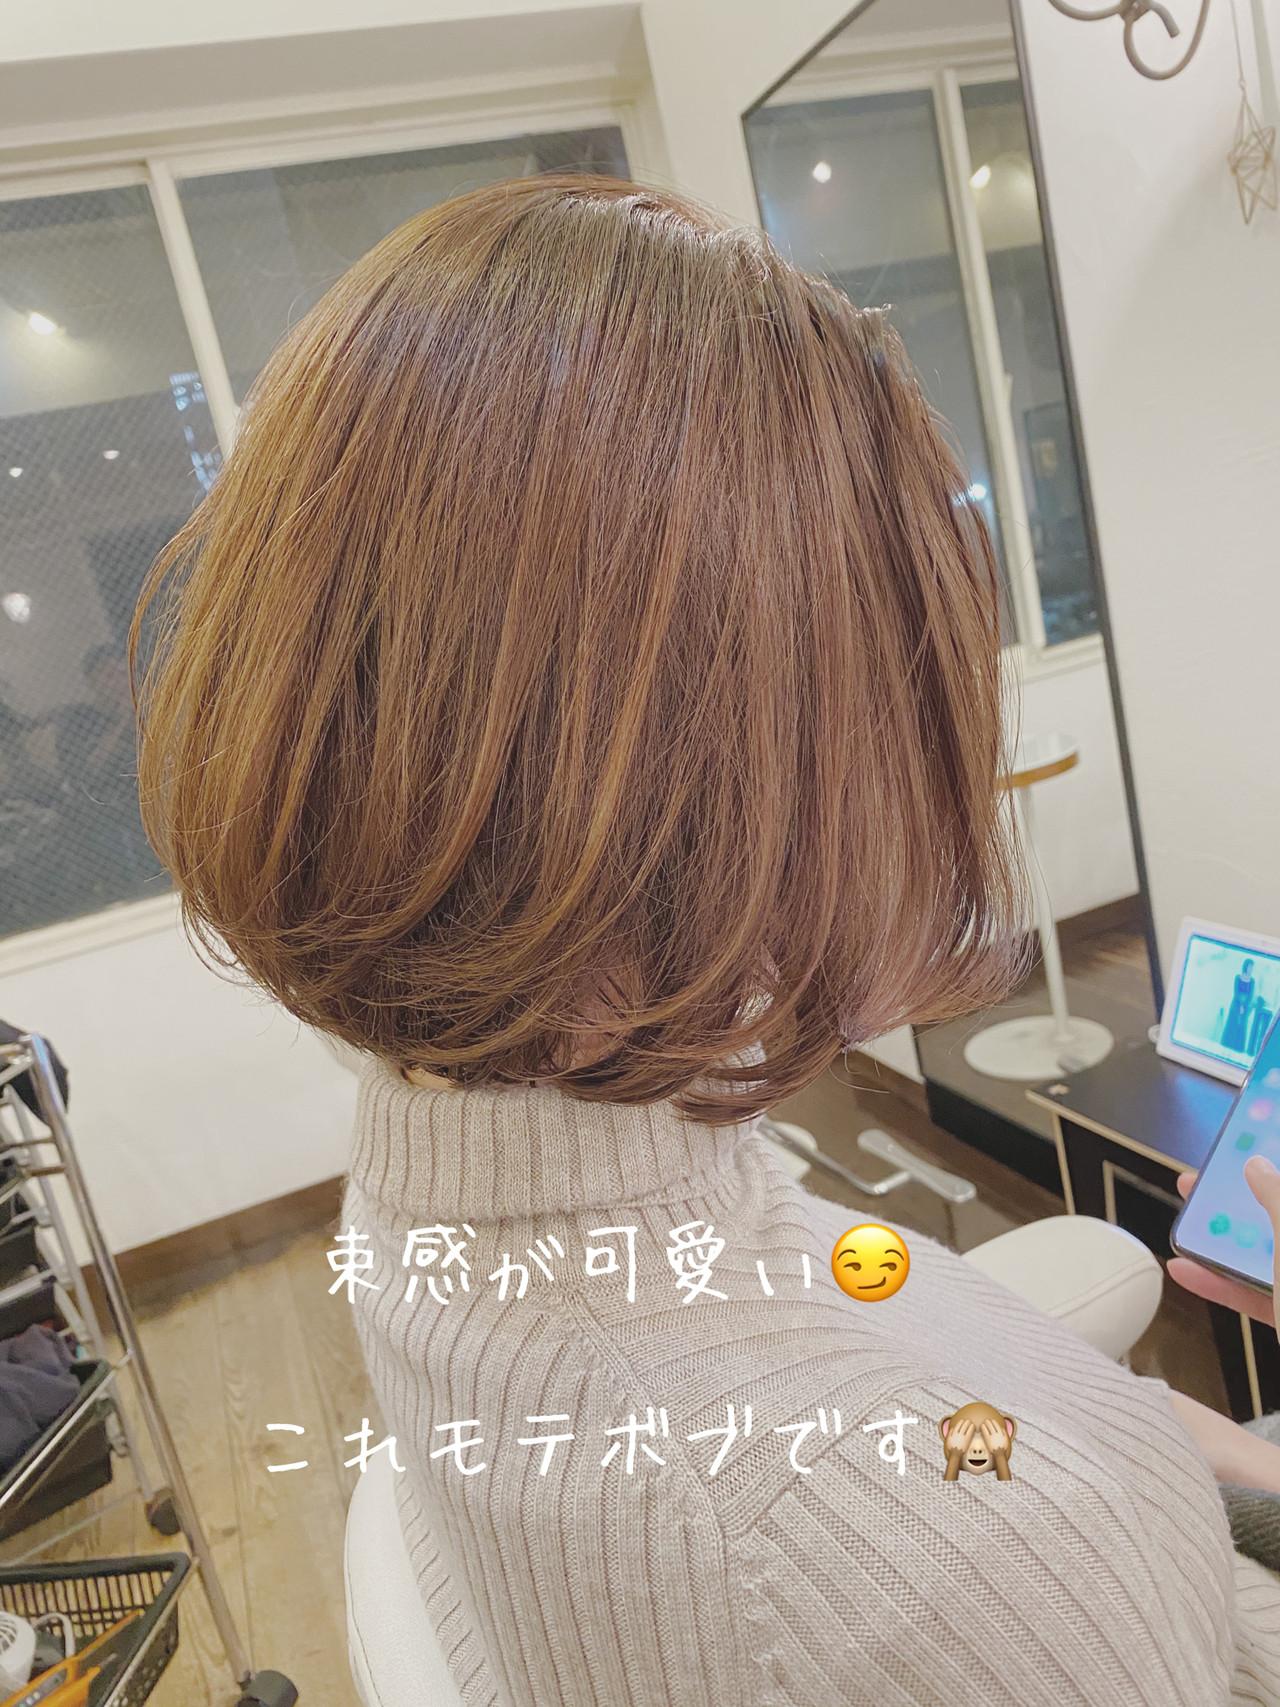 圧倒的透明感 ボブ モテボブ 透明感カラー ヘアスタイルや髪型の写真・画像 | 生形洸太 / hair&make egerie